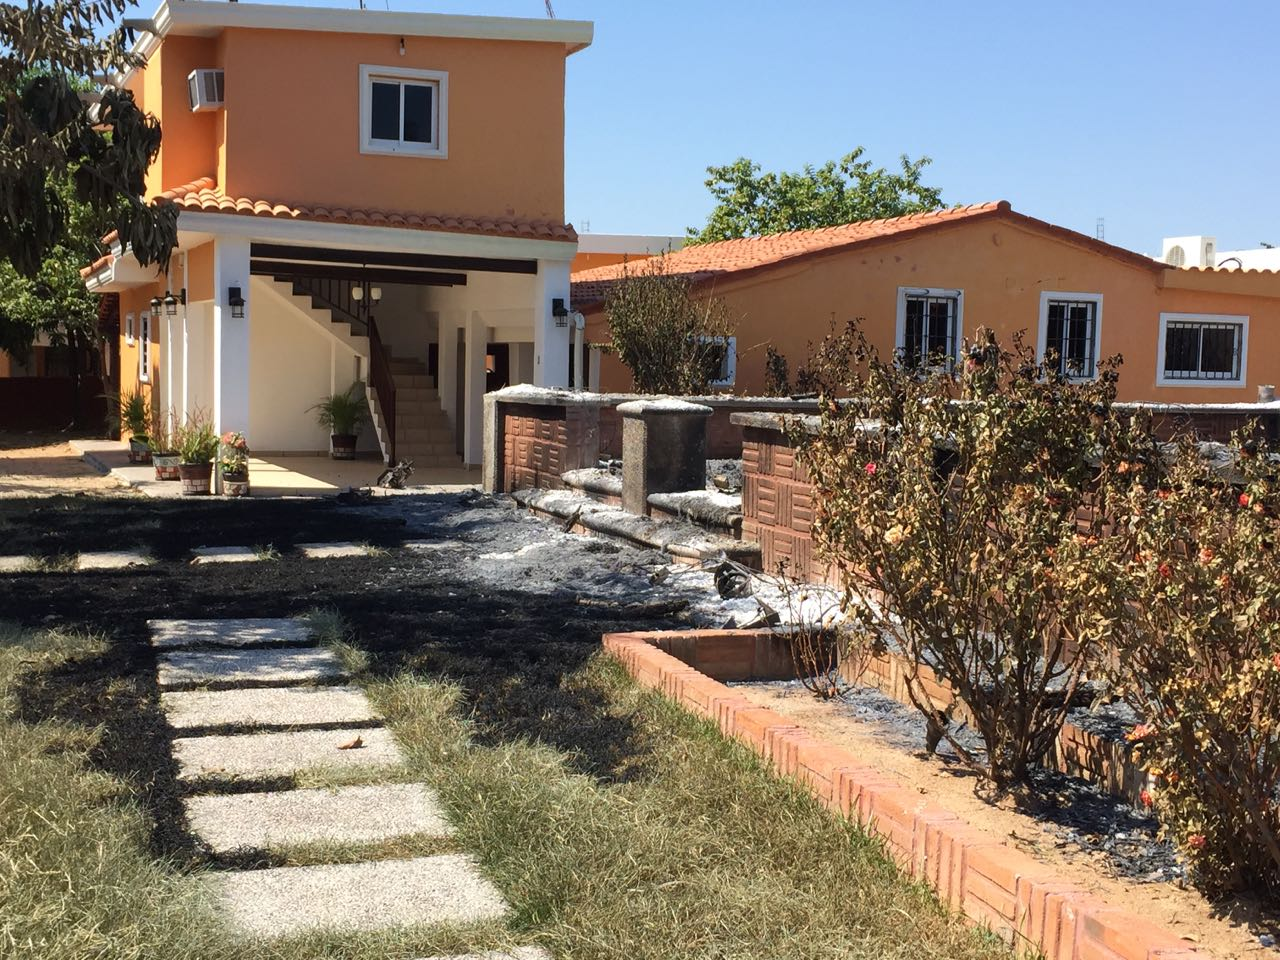 Sinaloa, Militares queman una casa y aseguran una más